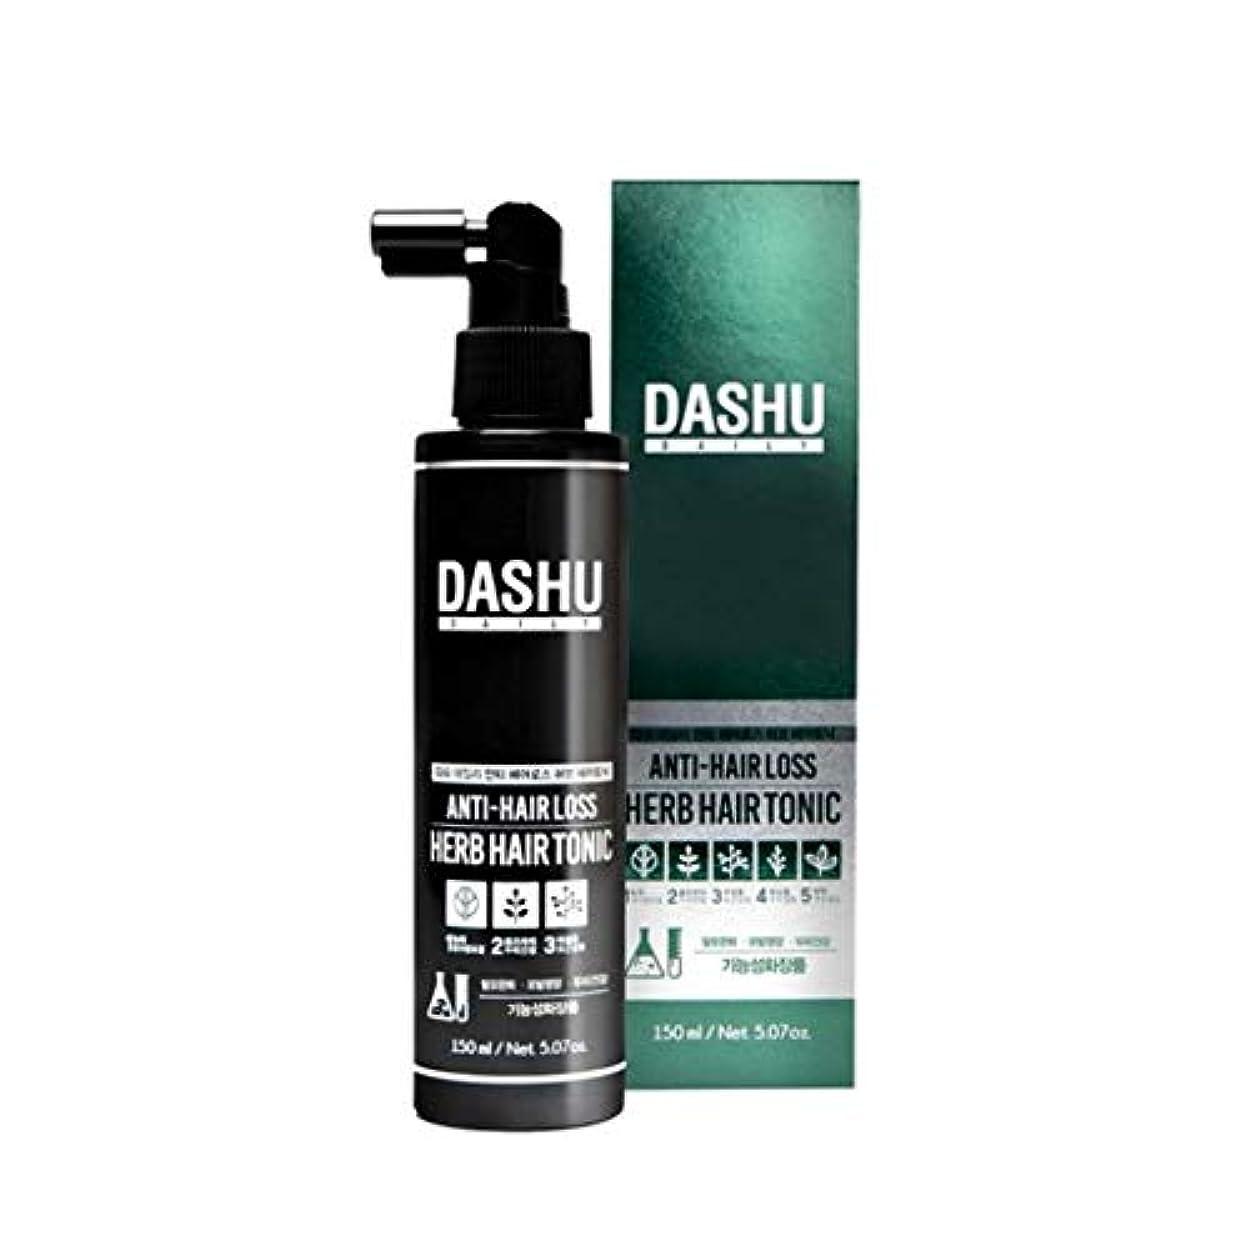 卒業記念アルバムスキム男性ダシュデイリーアンチヘアロスハブヘアトニック150ml韓国コスメ、Dashu Daily Anti-Hair Loss Herb Hair Tonic 150ml Korean Cosmetics {並行輸入品]